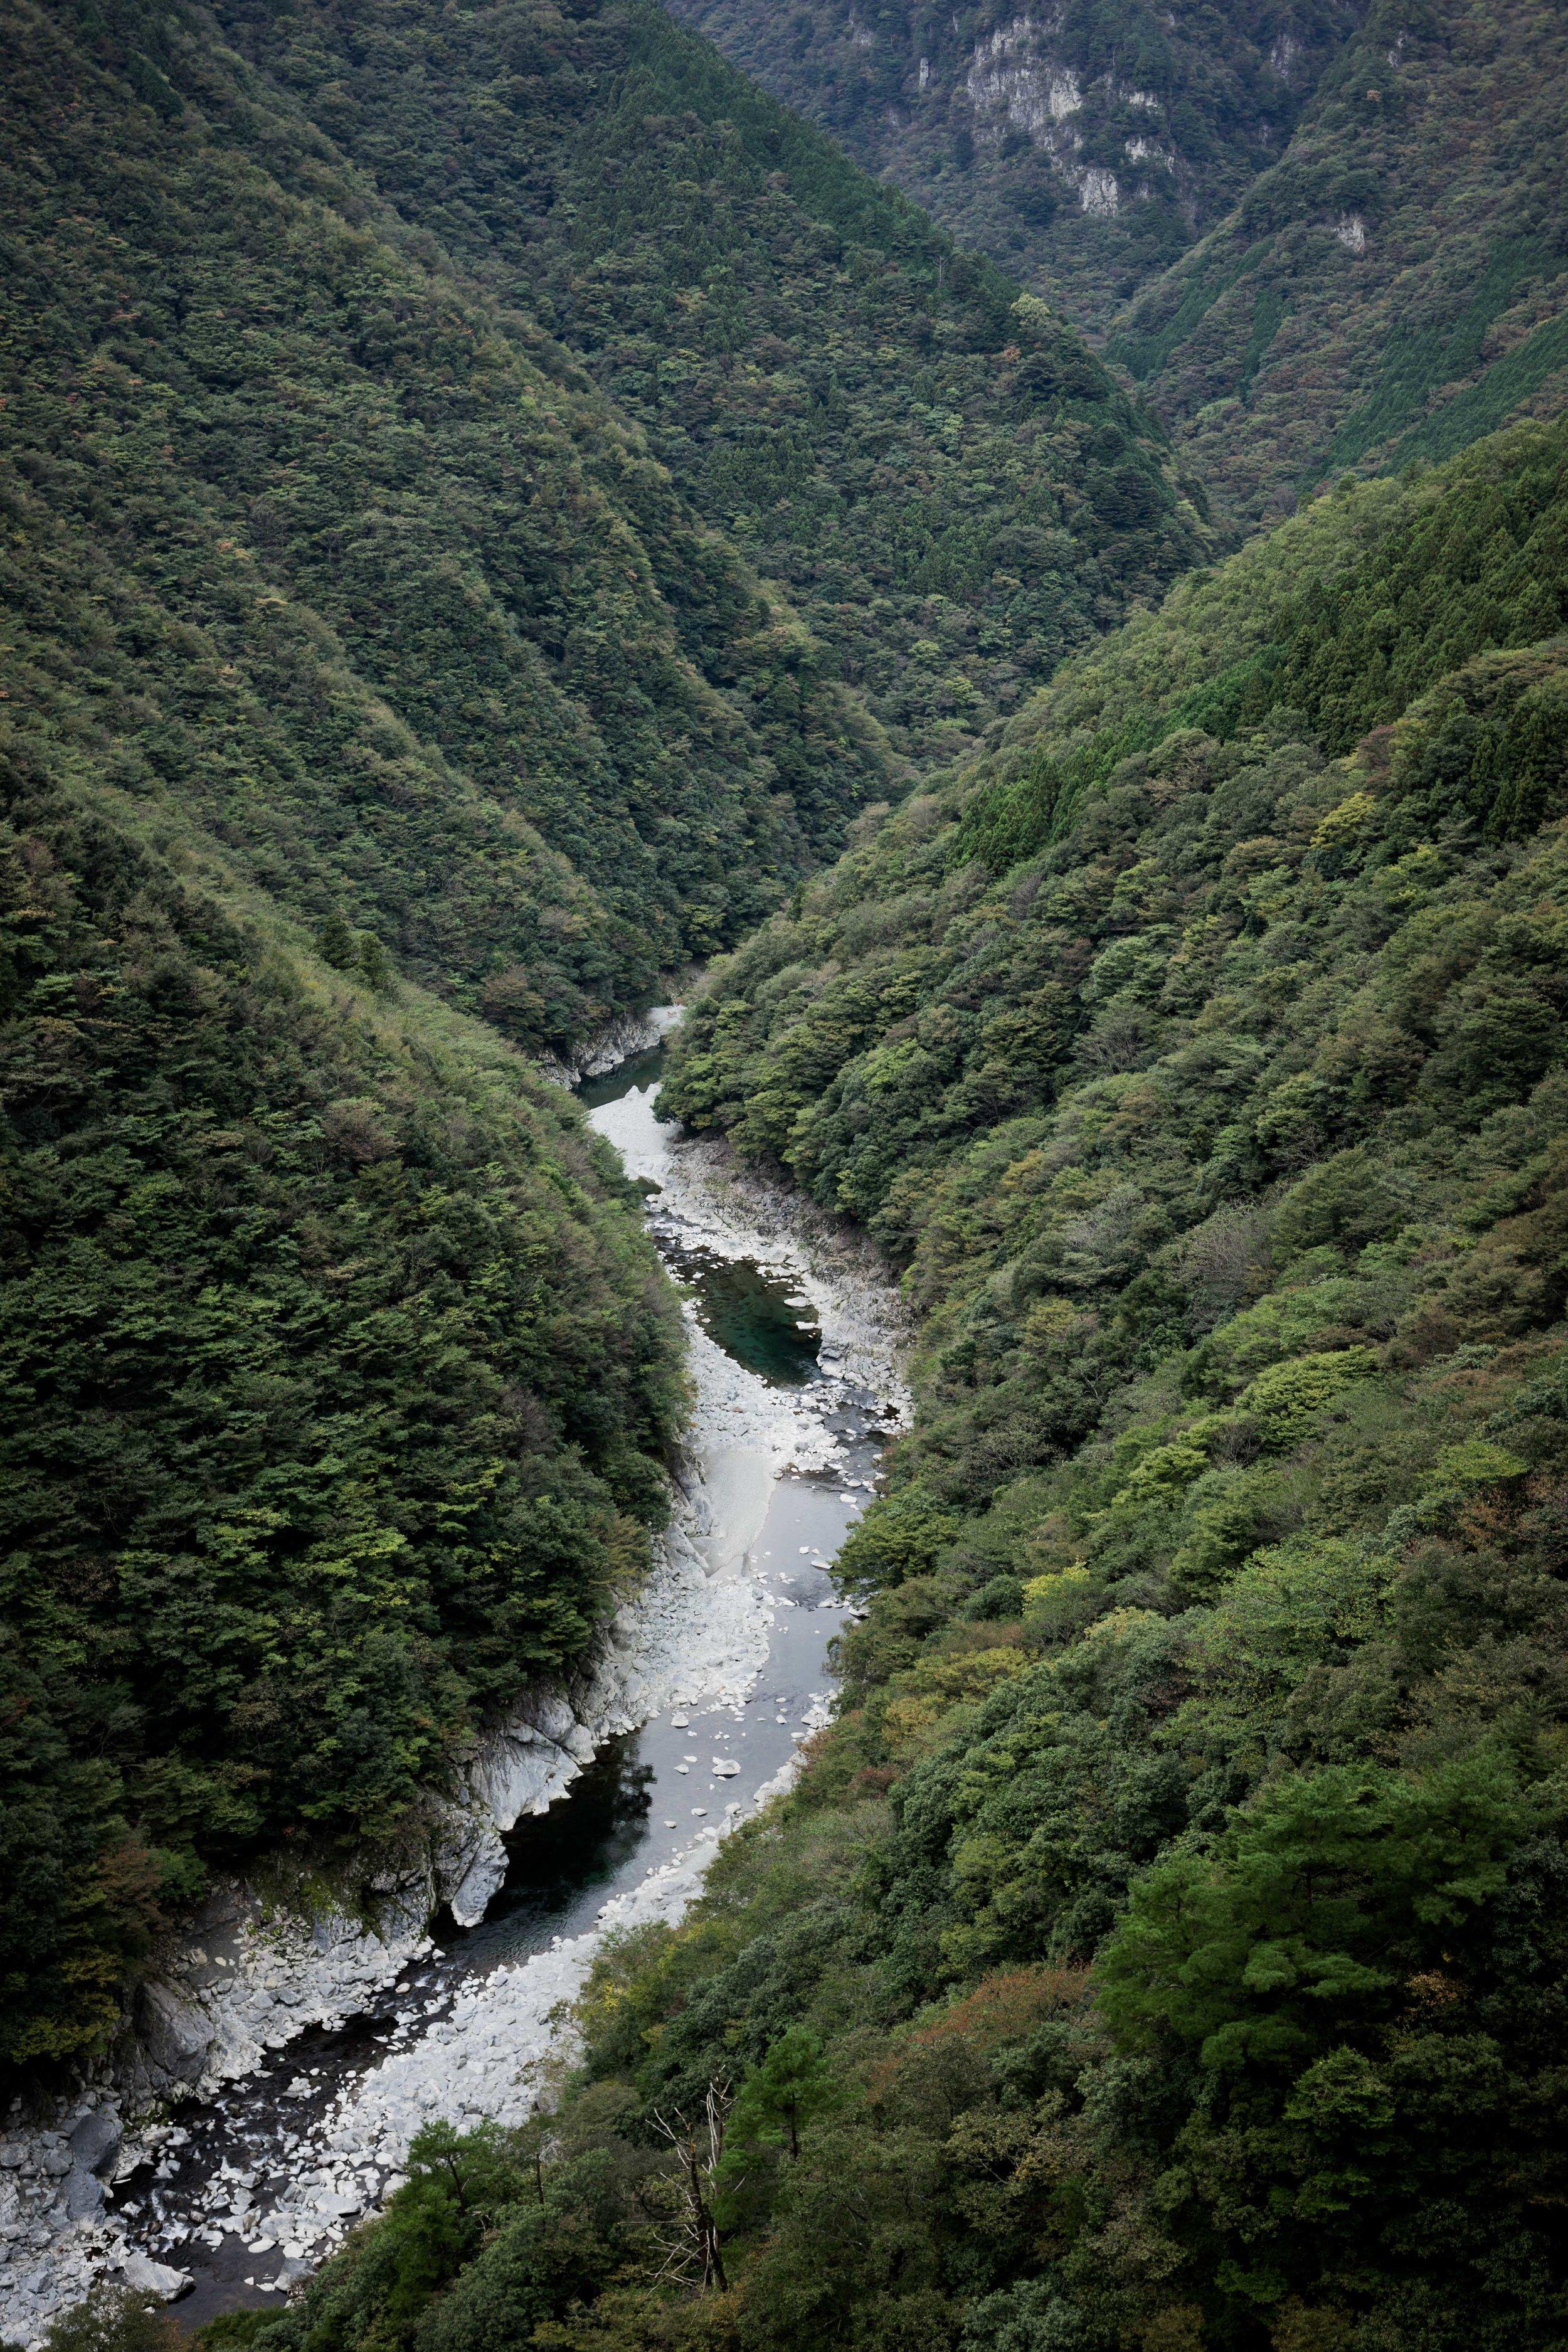 The Iya River